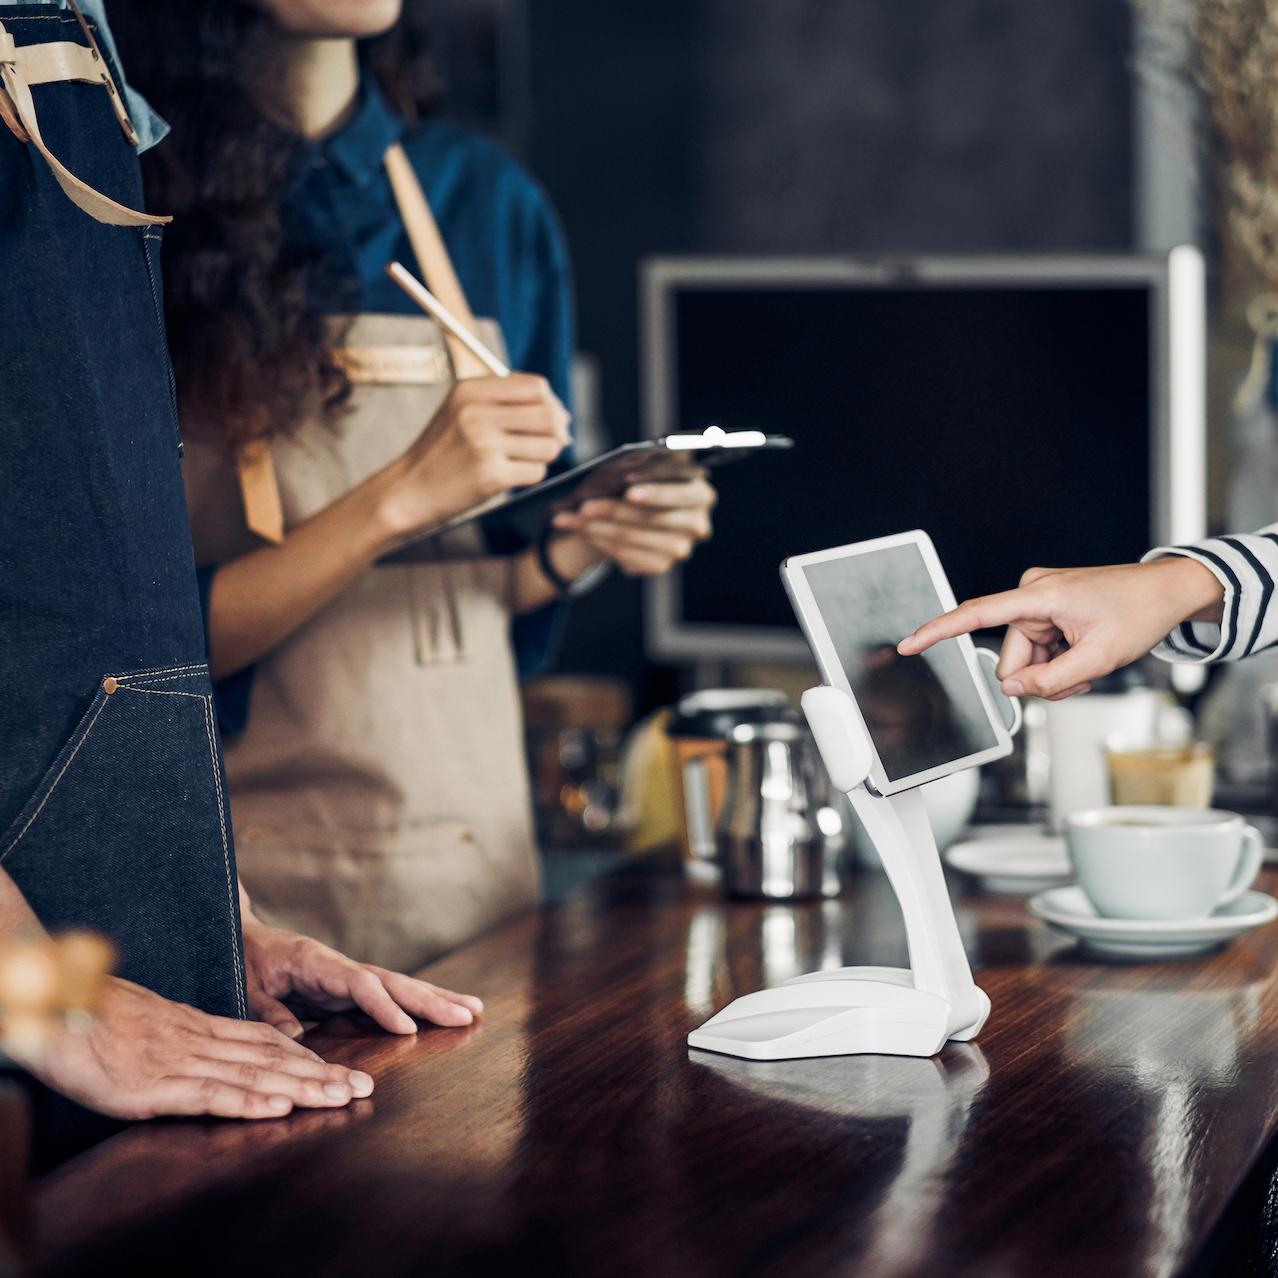 Nettiselaimessa toimiva kassa tietokoneelle tai tabletille. Integroitava maksupääte, verkkokauppa ja ajanvaraus.